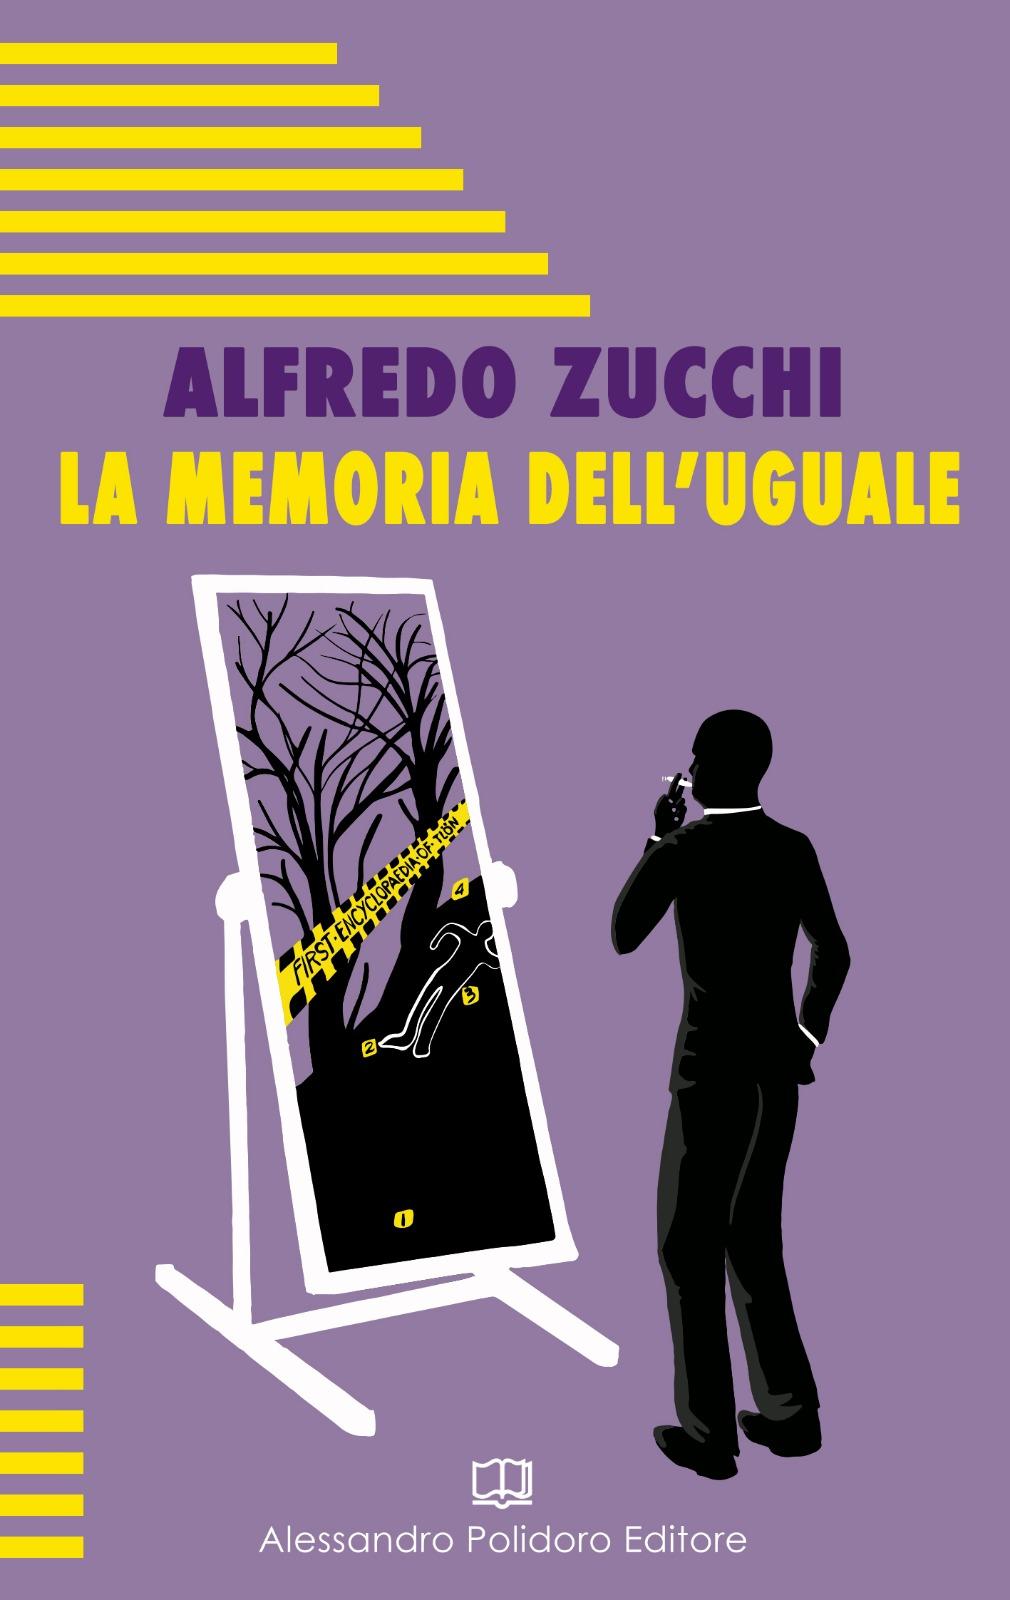 La memoria dell'uguale, Alfredo Zucchi. La nebbia nella costruzione narrativa